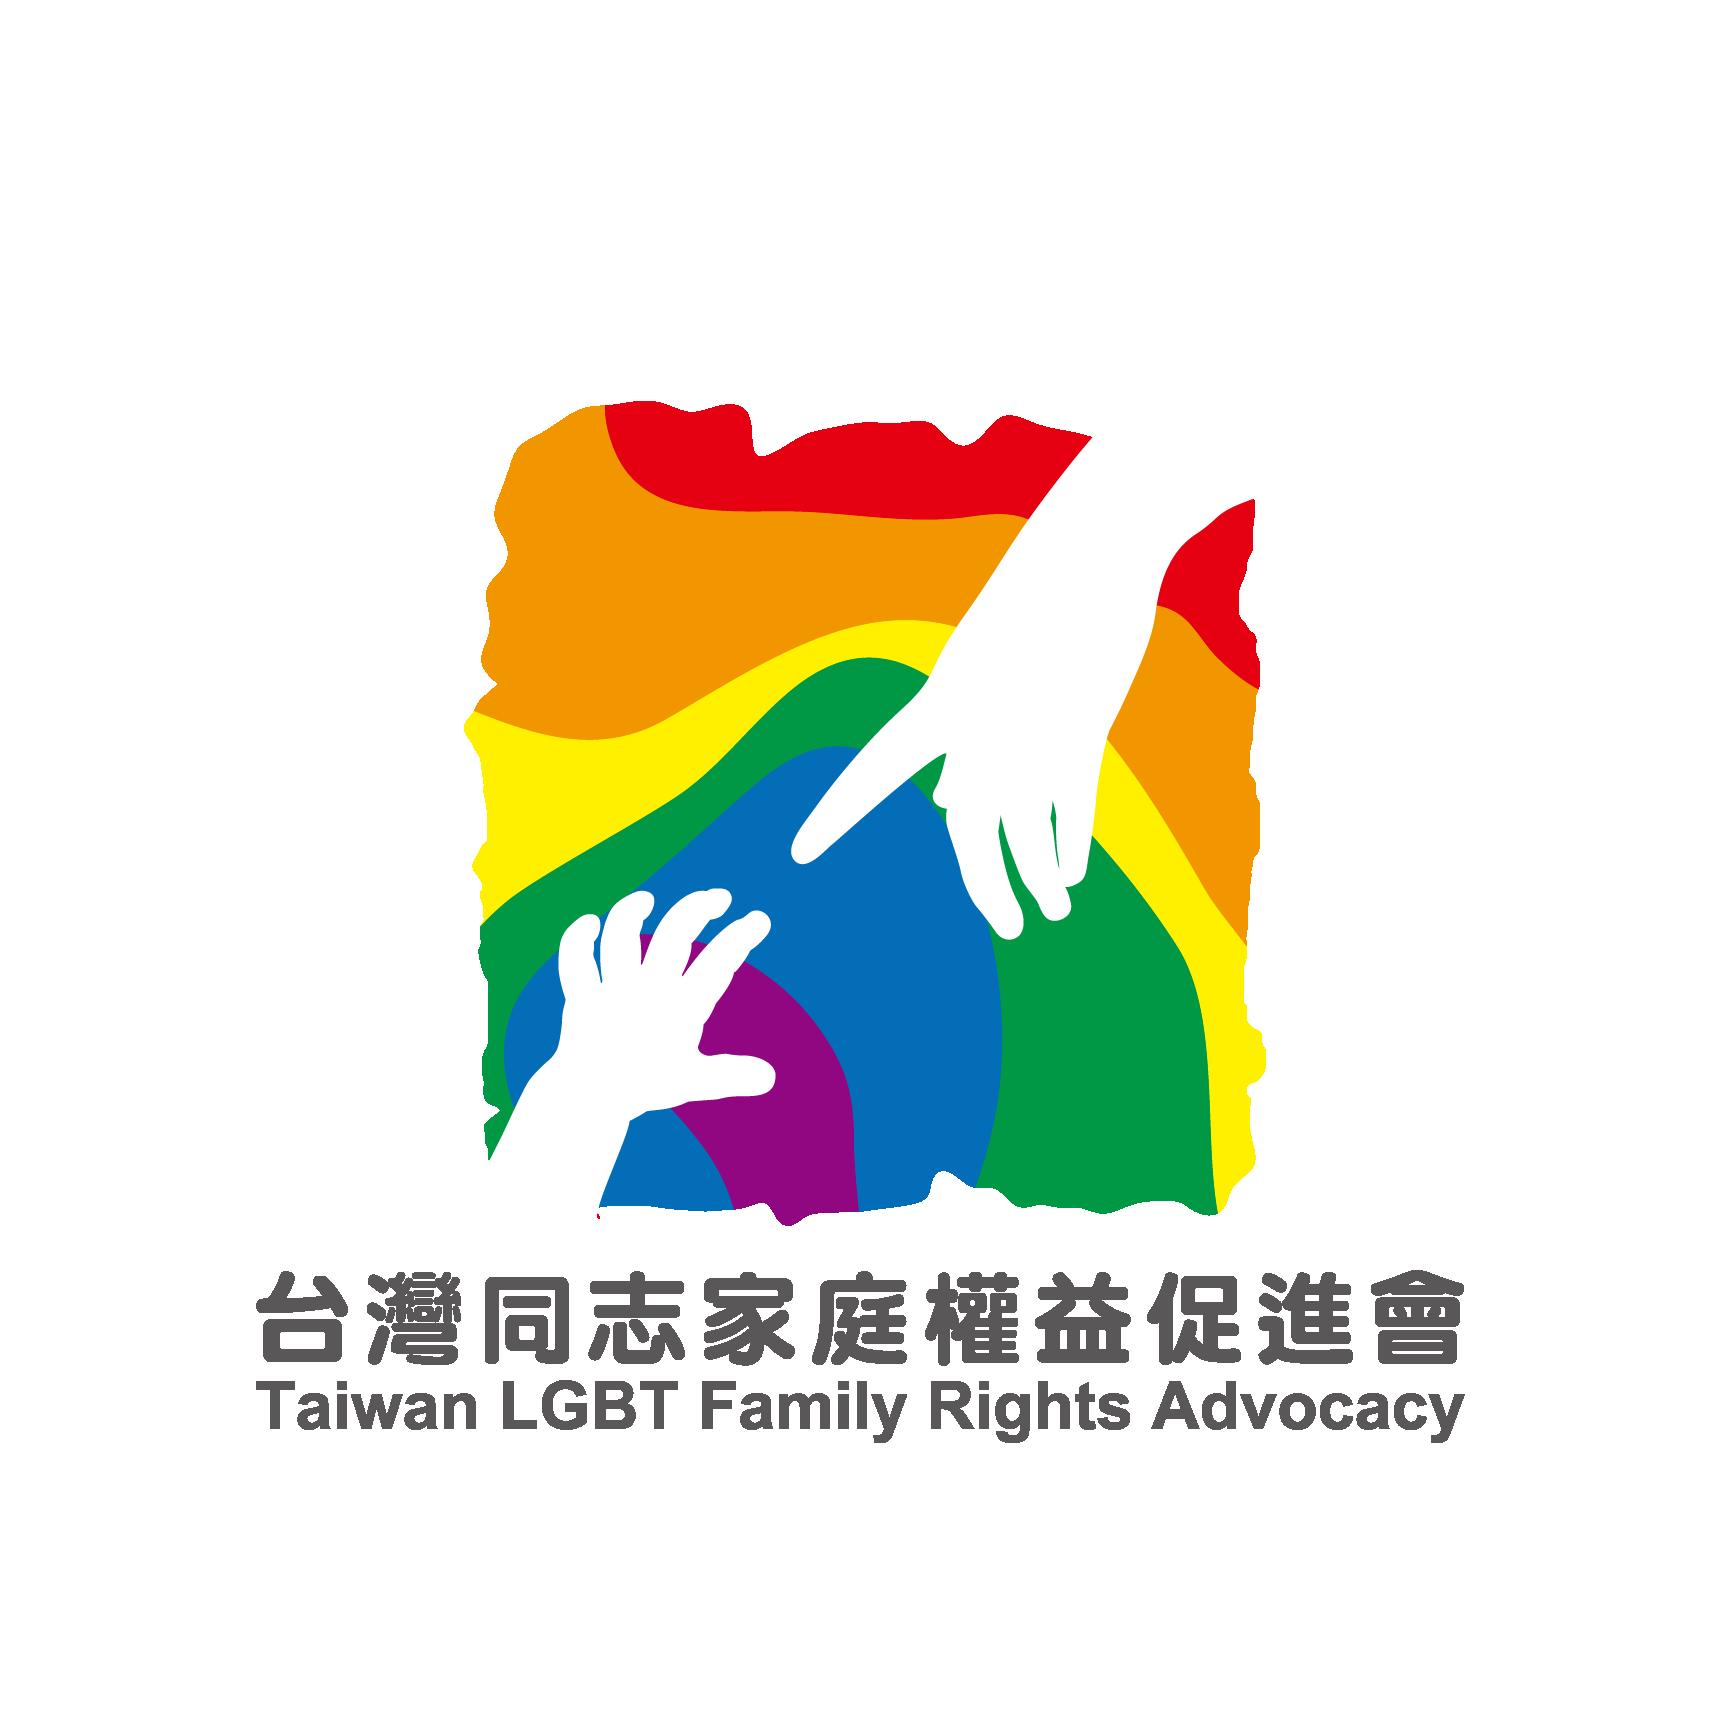 Taiwan LGBT Family Advocacy